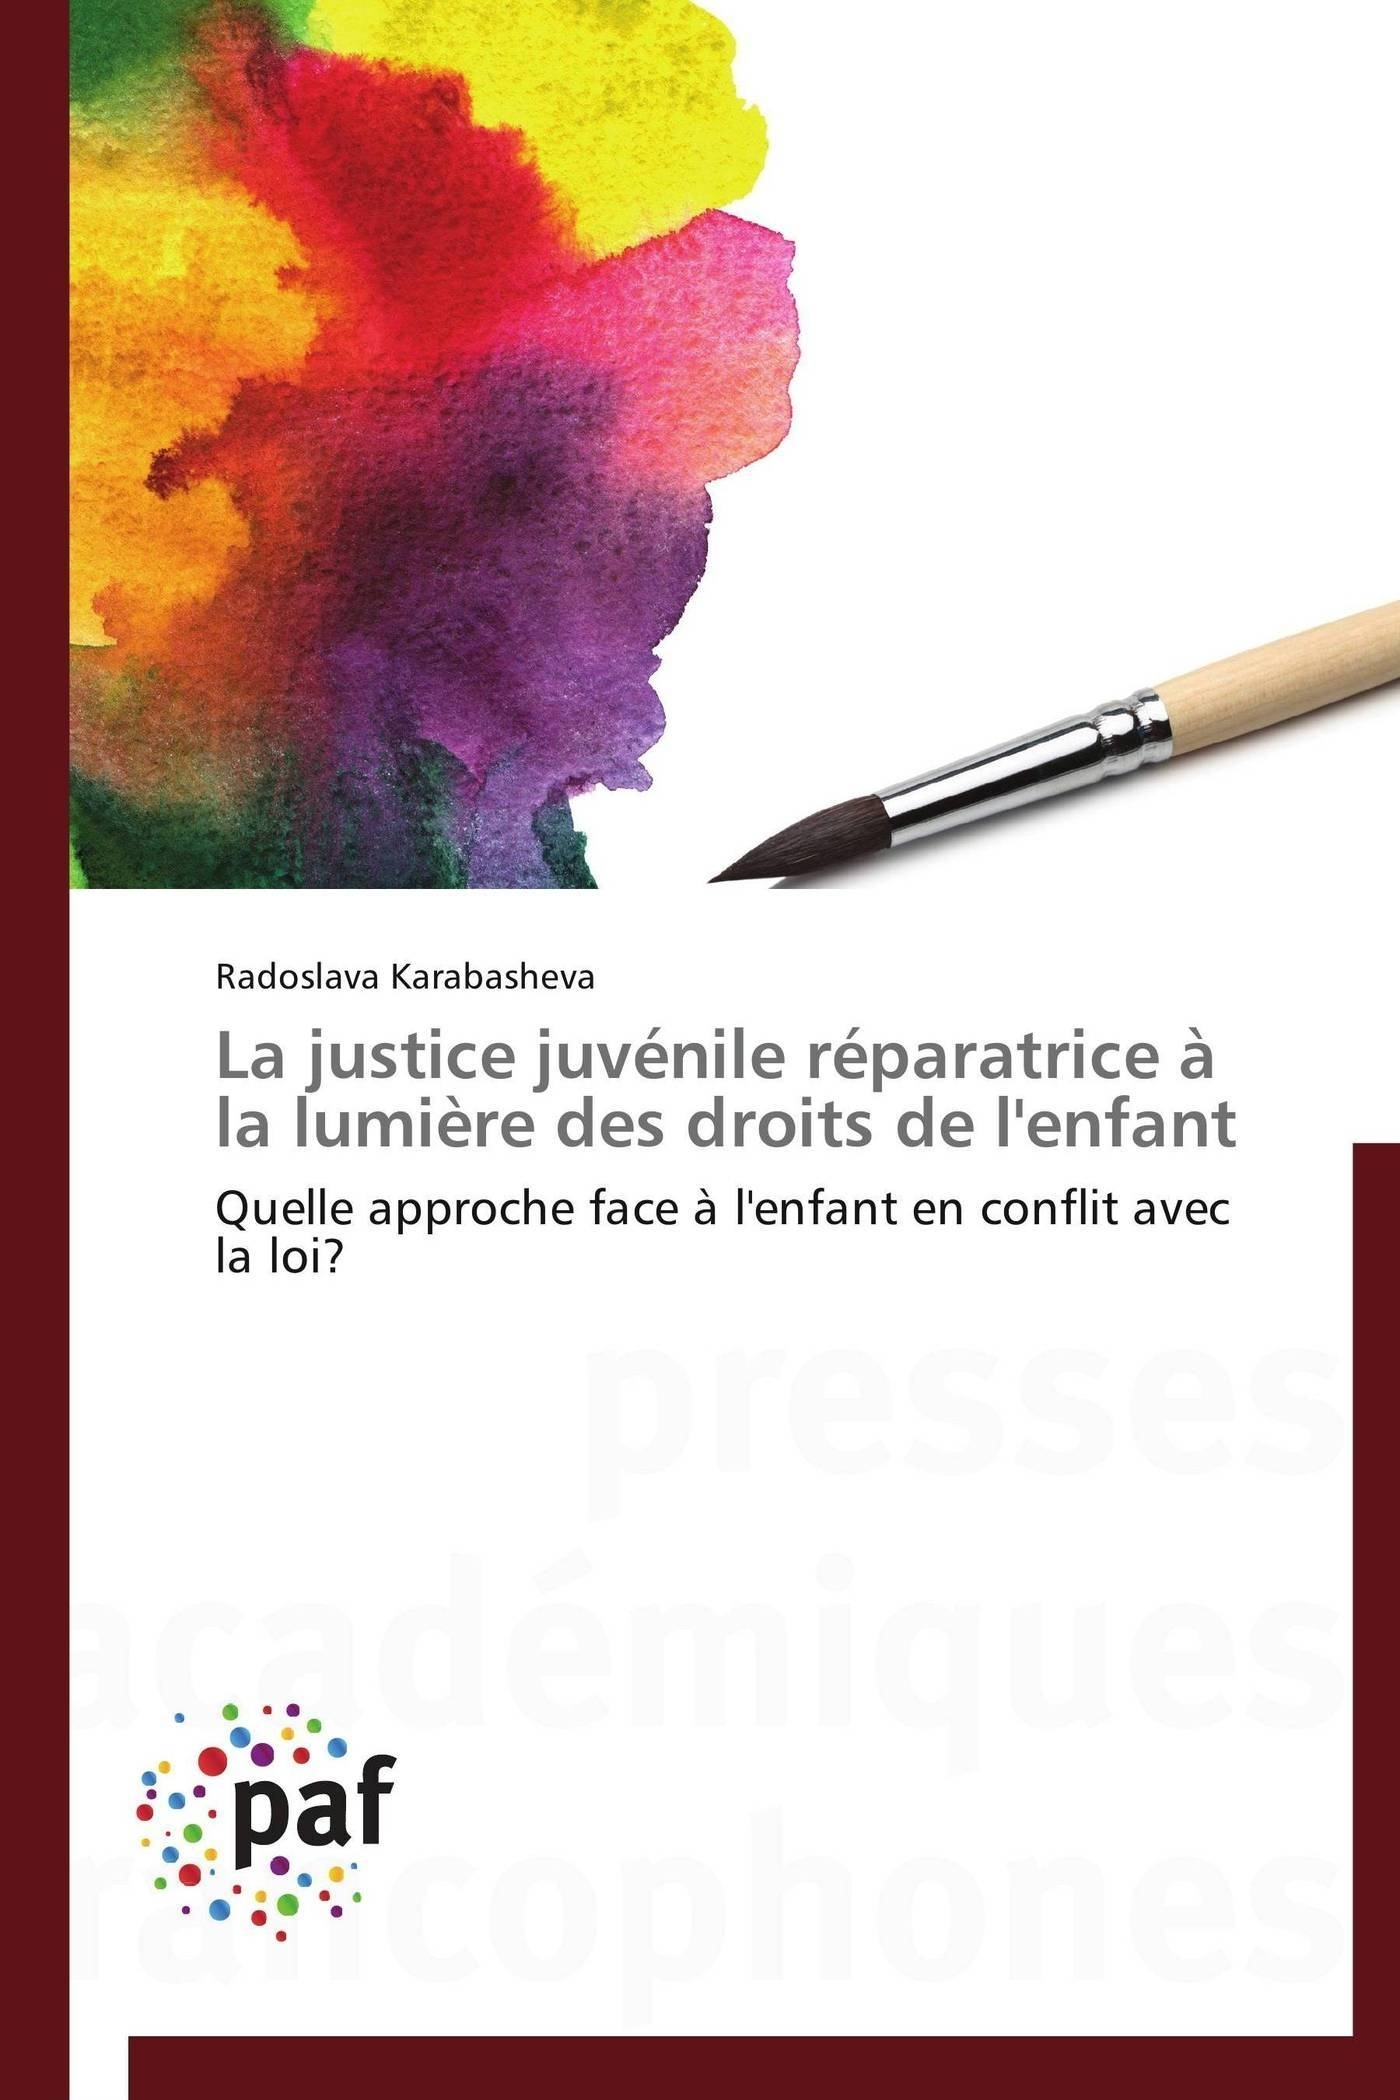 LA JUSTICE JUVENILE REPARATRICE A LA LUMIERE DES DROITS DE L'ENFANT